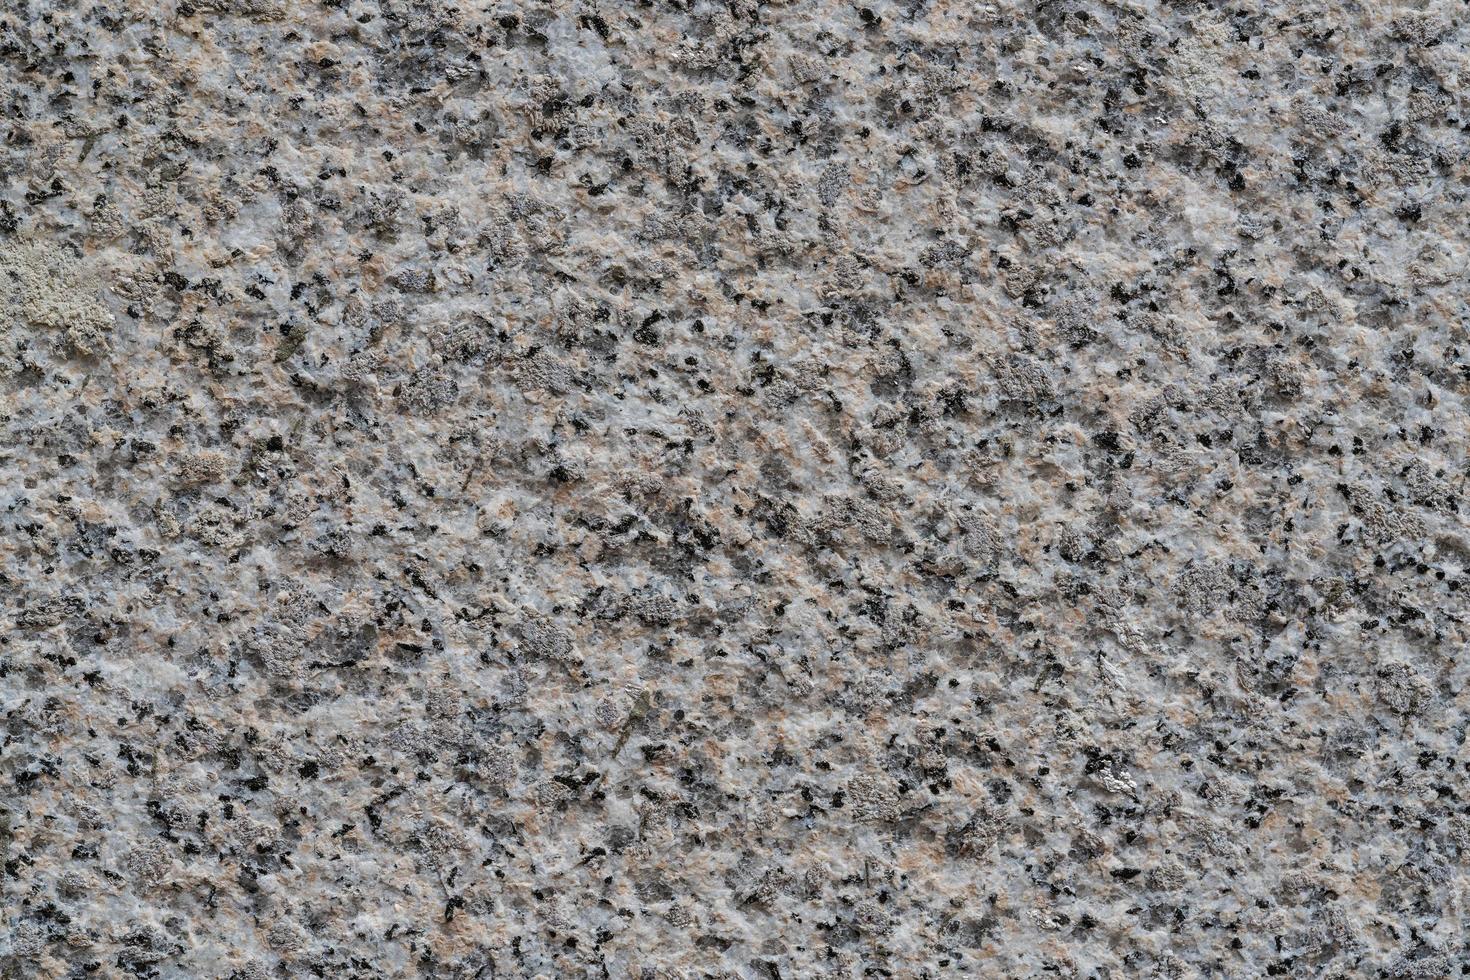 Textur einer Granitsteinoberfläche foto